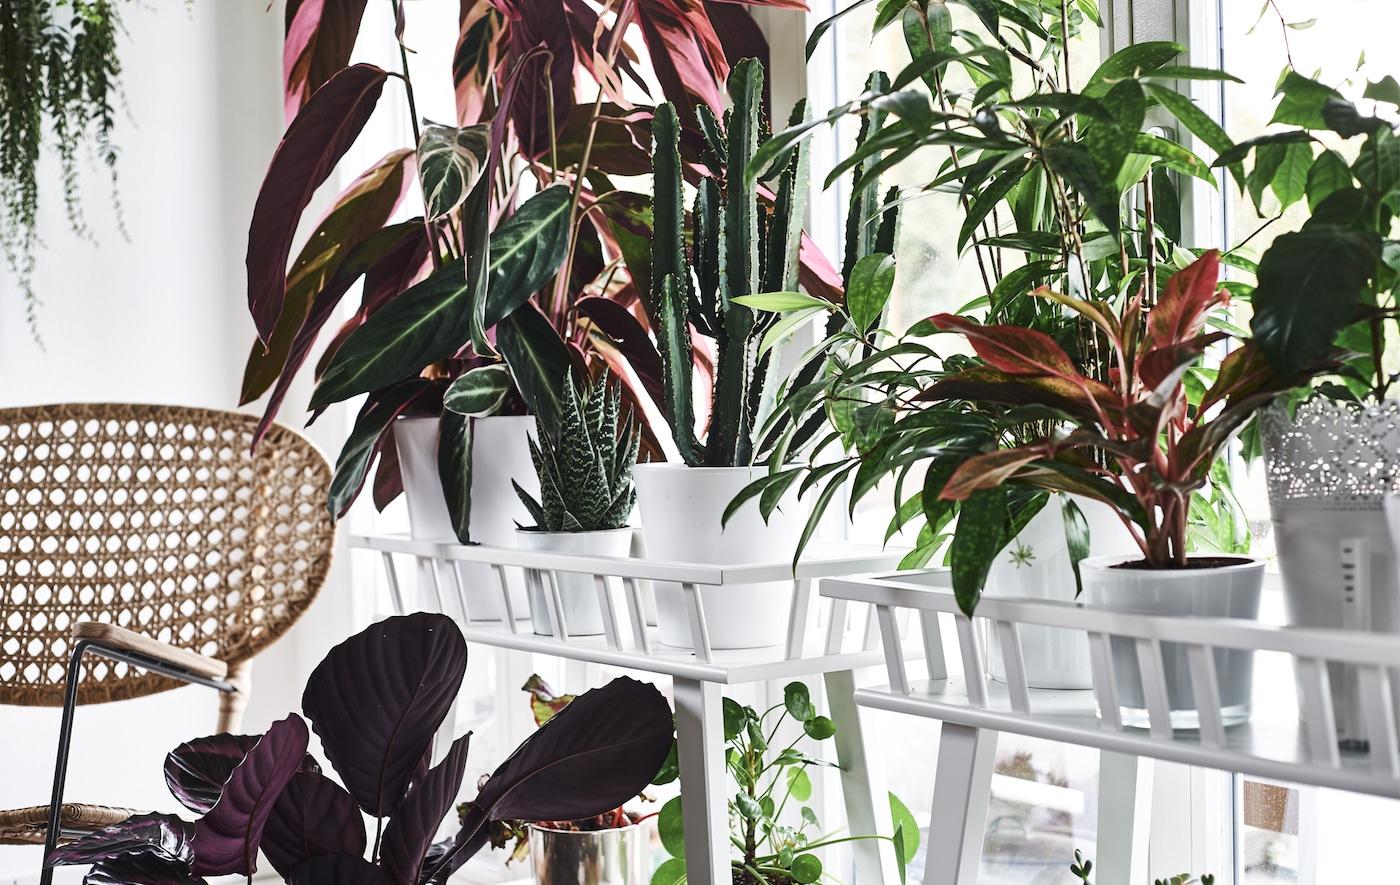 Las plantas coloridas en soportes para plantas se colocan delante de una ventana y una silla de mimbre.